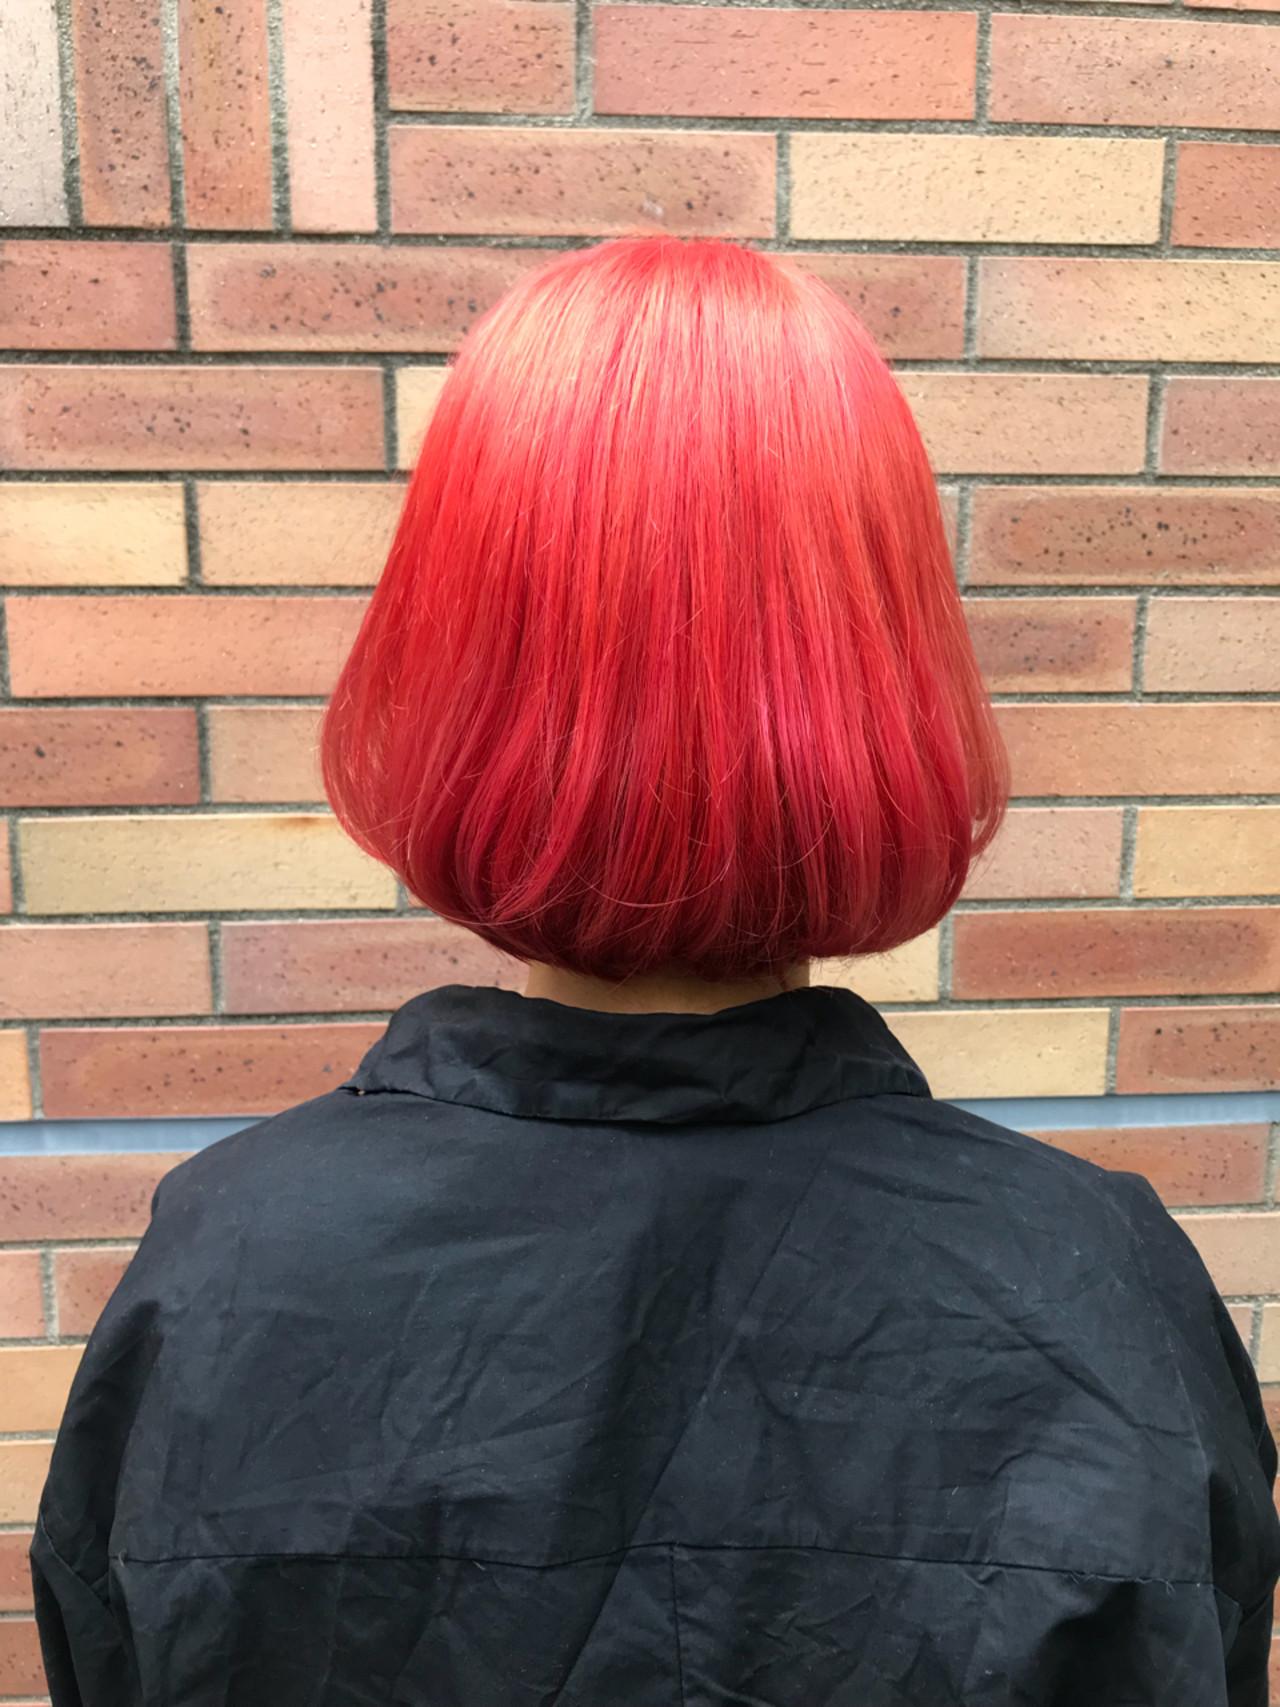 ブリーチ ダブルカラー レッド ガーリー ヘアスタイルや髪型の写真・画像 | Teppei / freelance